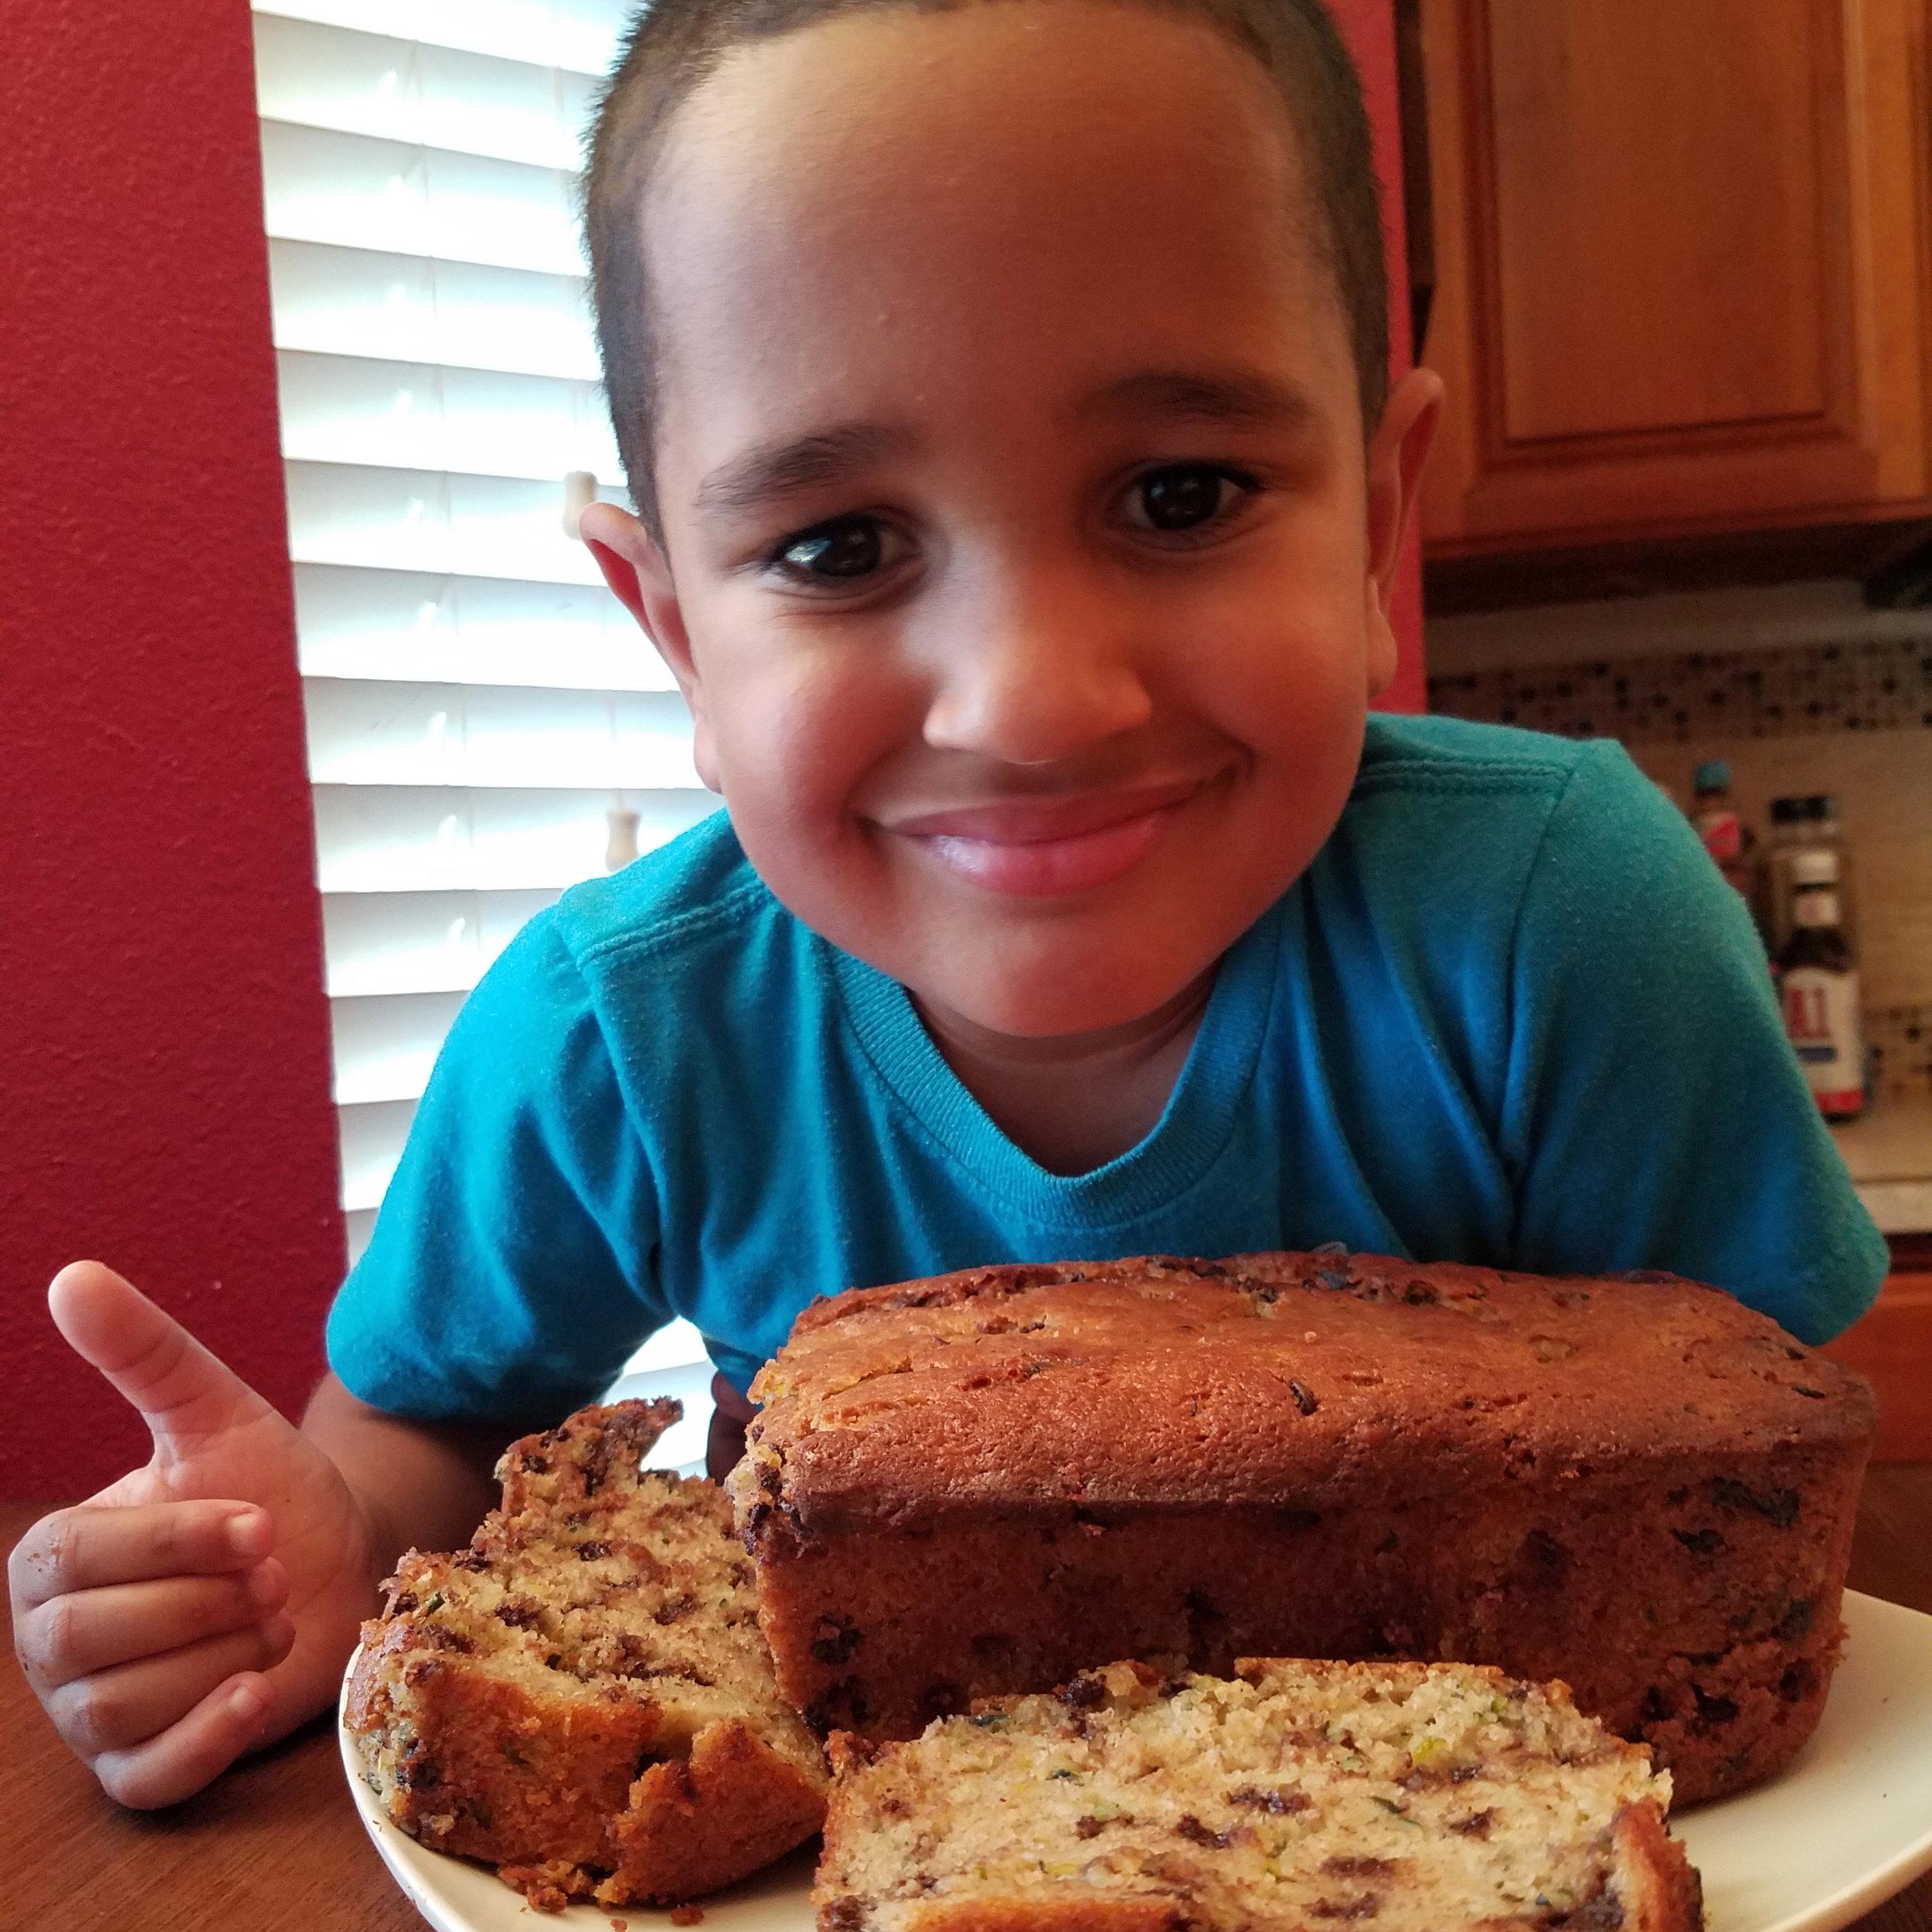 Chef Mason, Age 4